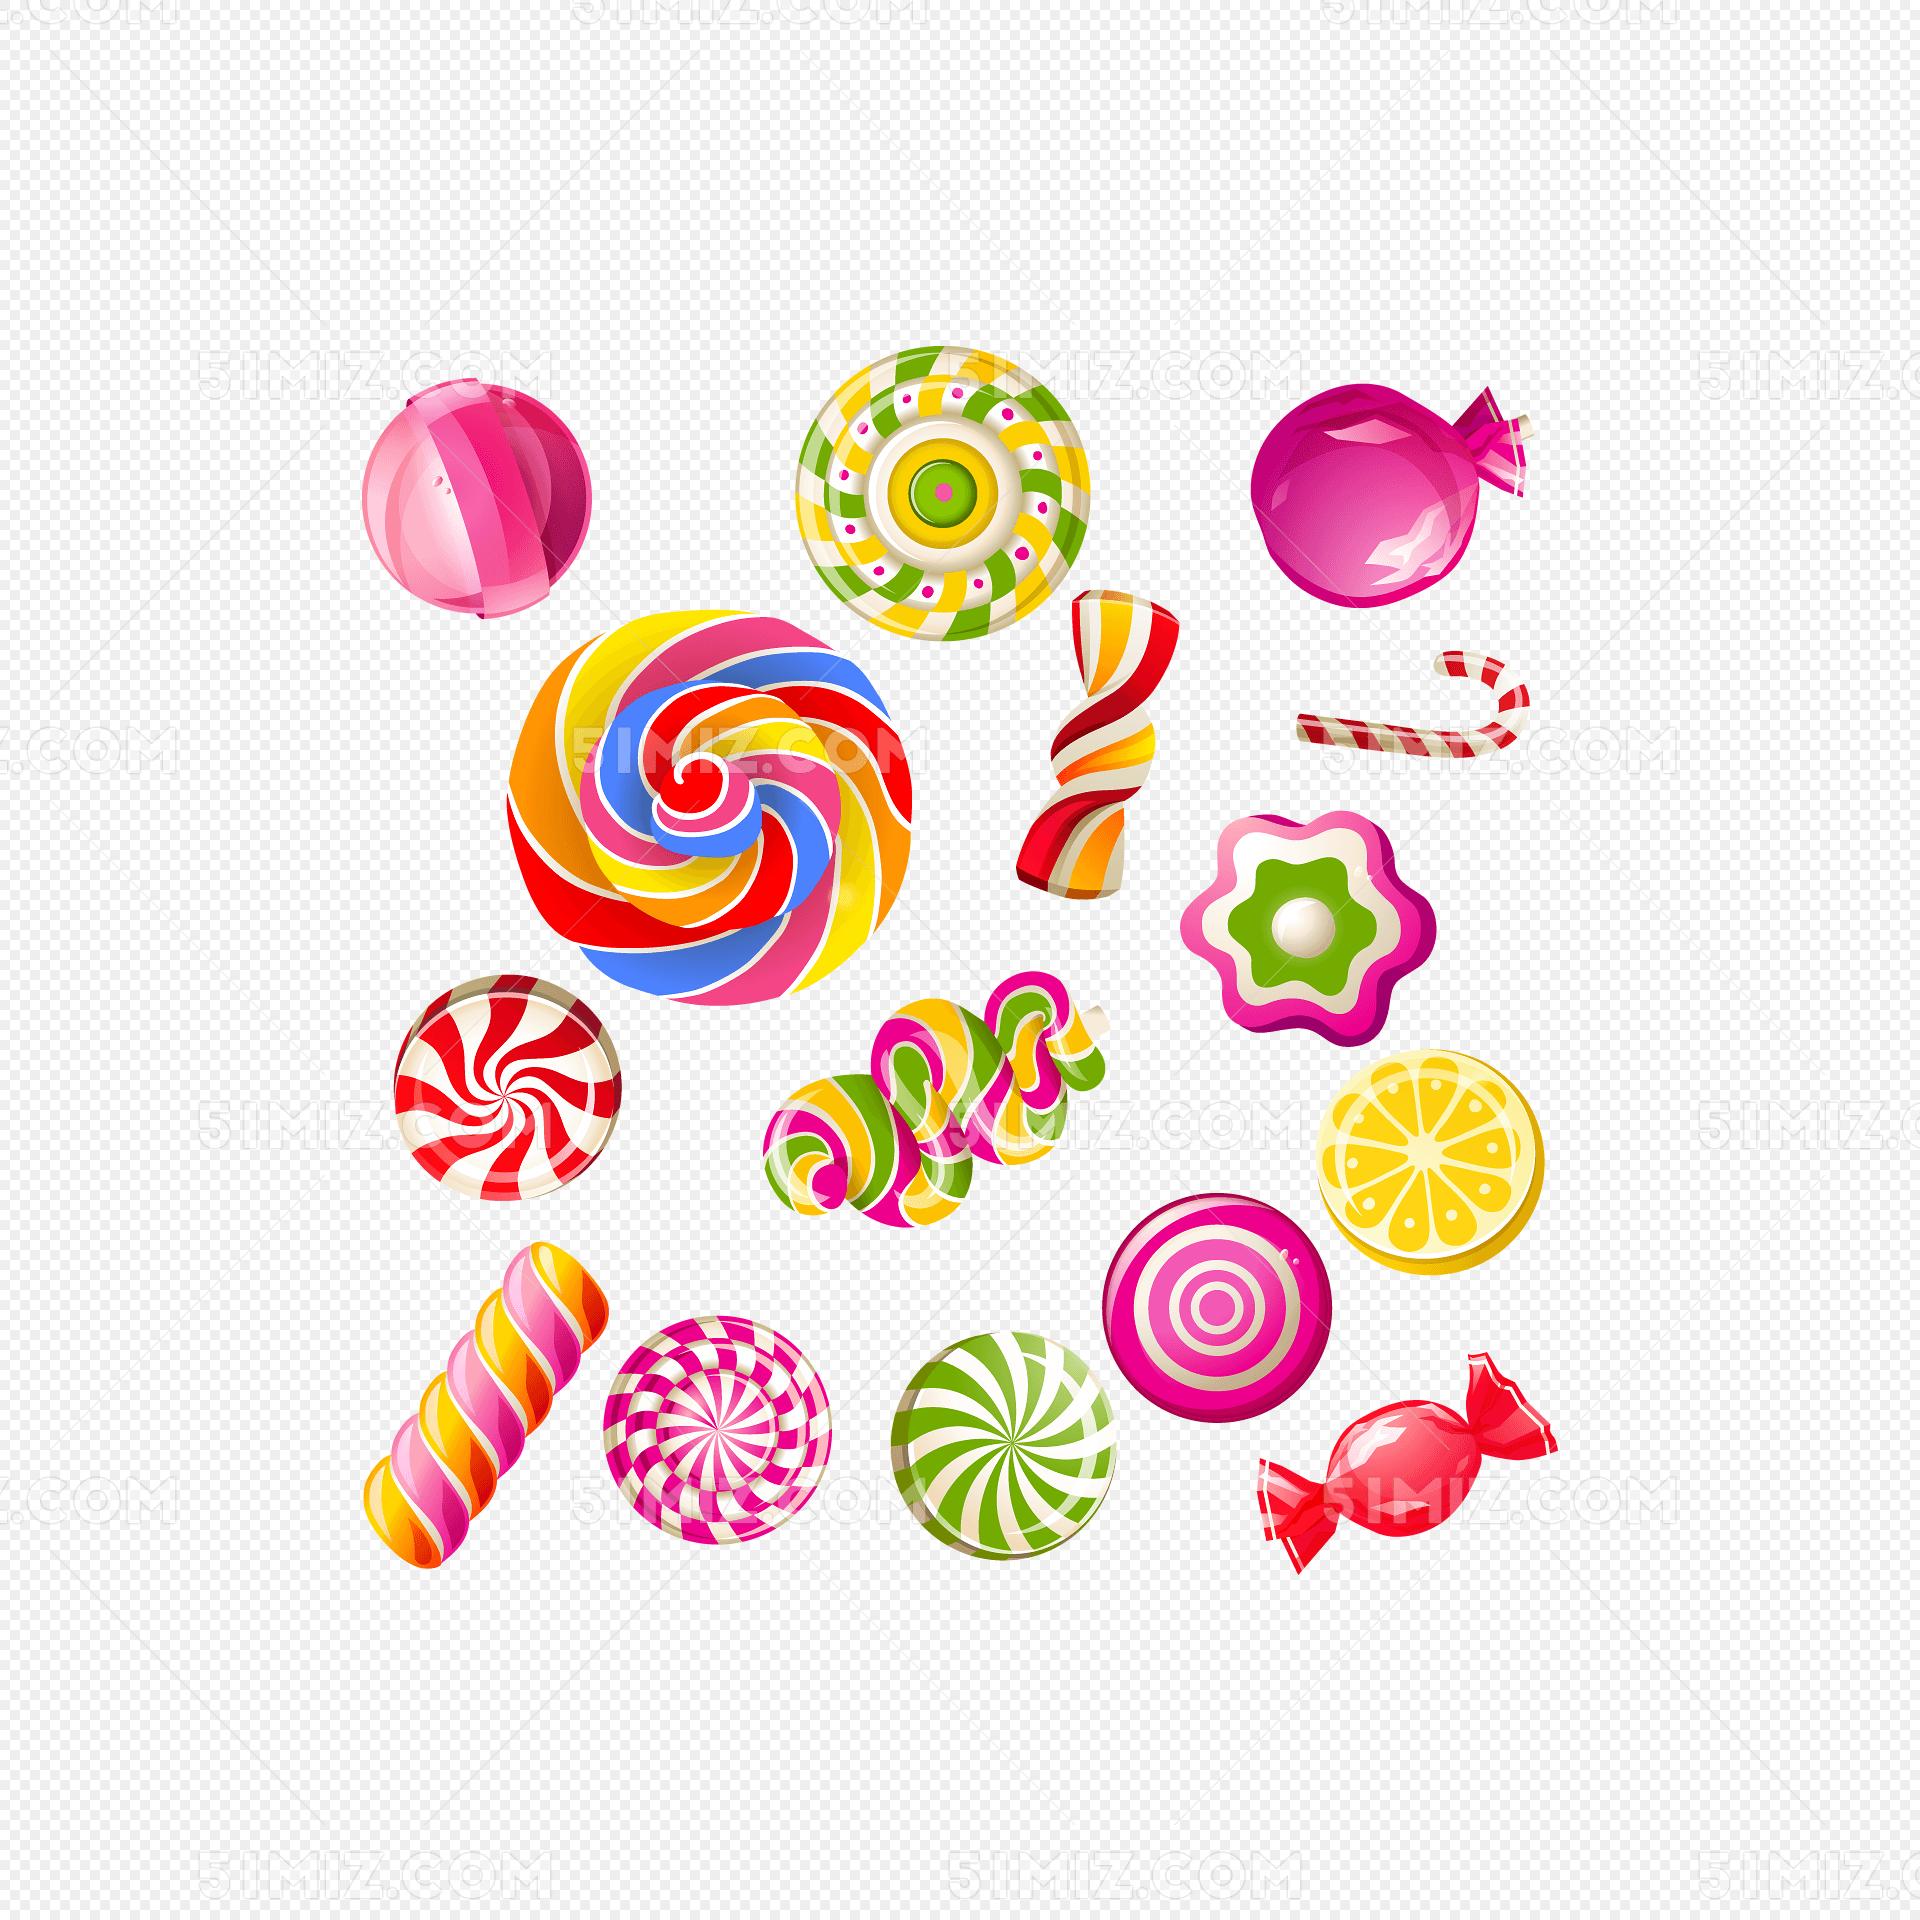 水果 彩色糖果矢量图